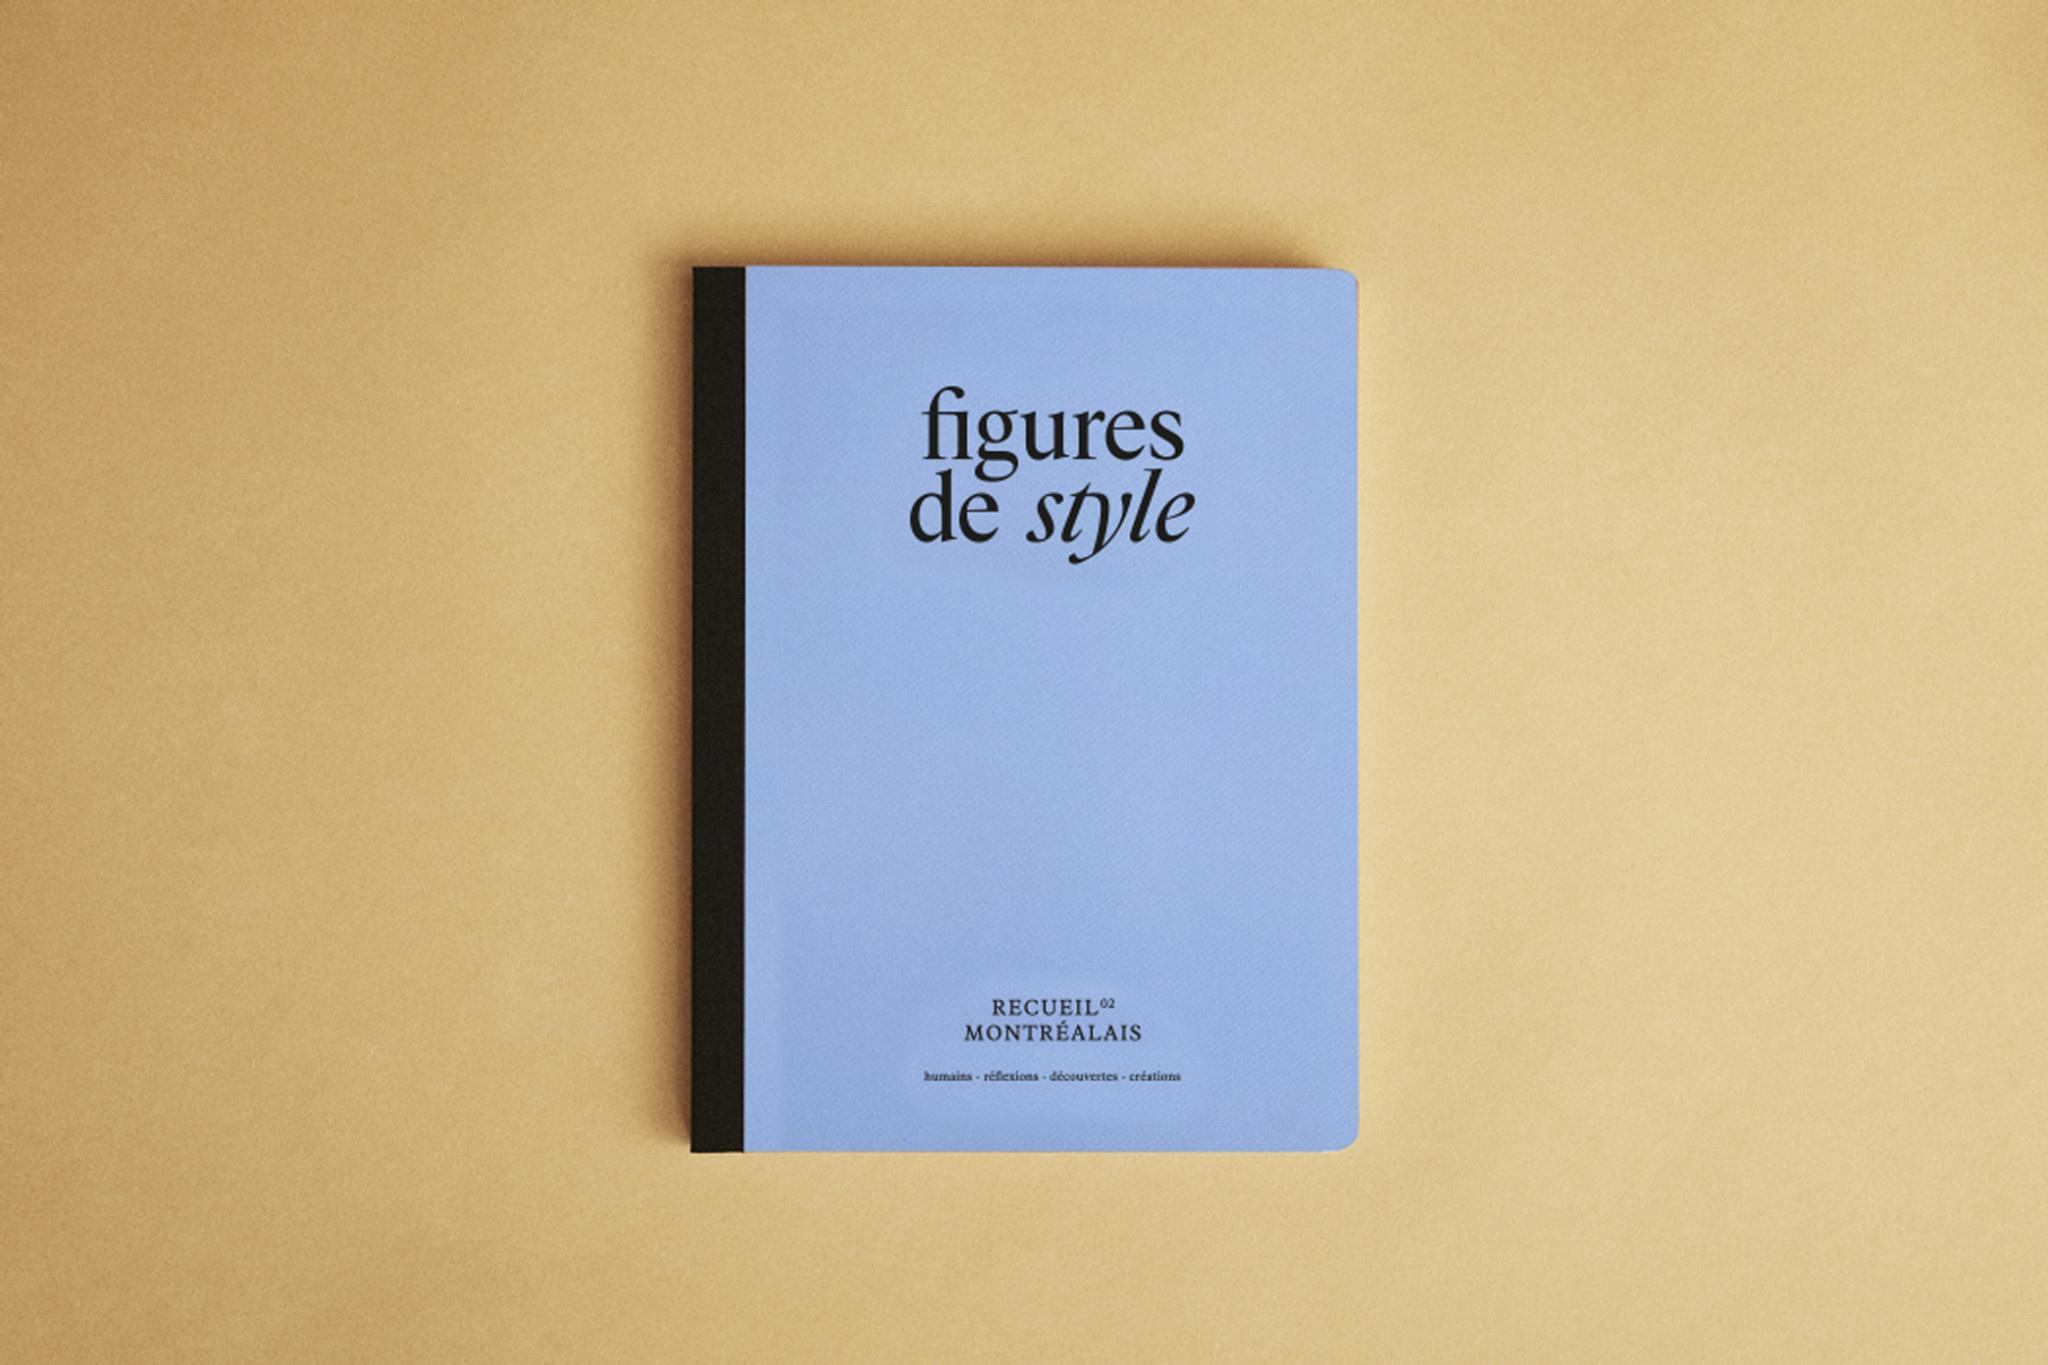 Figures de style - Second Edition